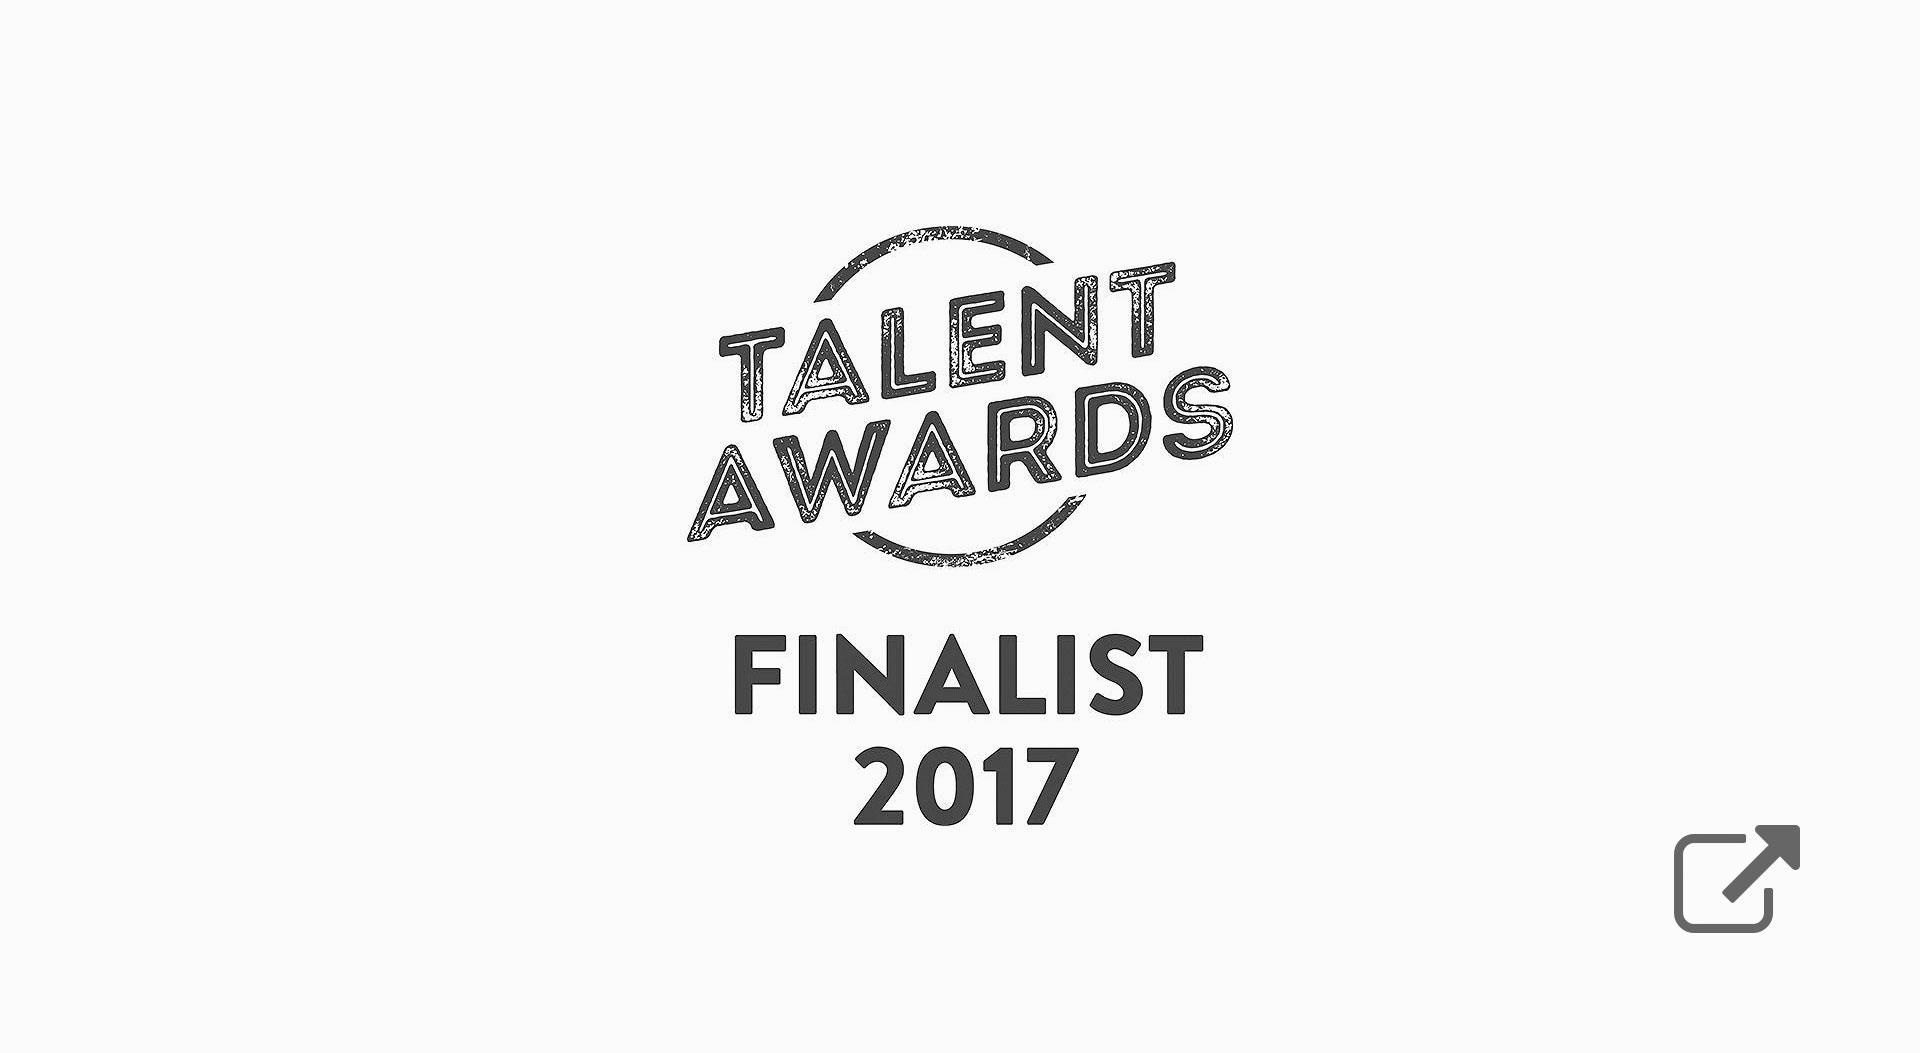 aquent talent awards finalist 2017